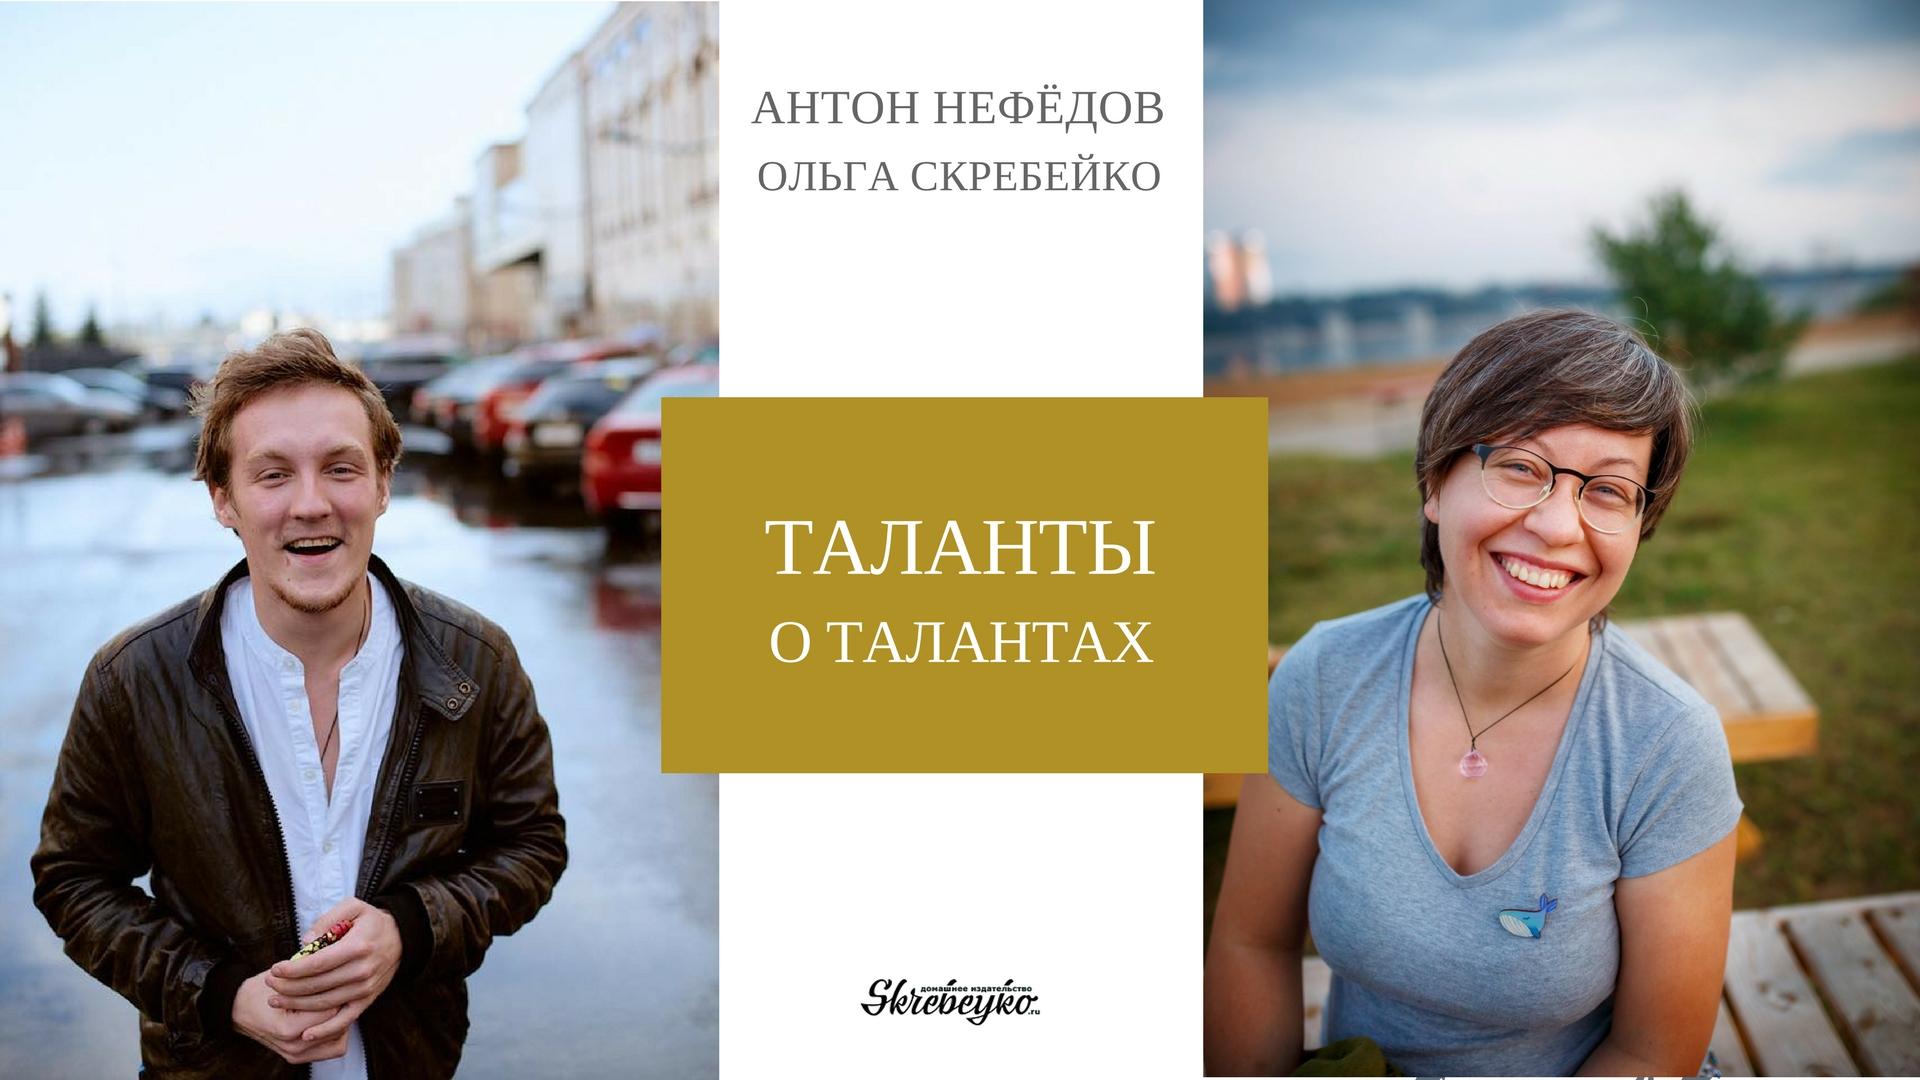 Прямой эфир с Антоном Нефёдовым | Блог Ольги Скребейко